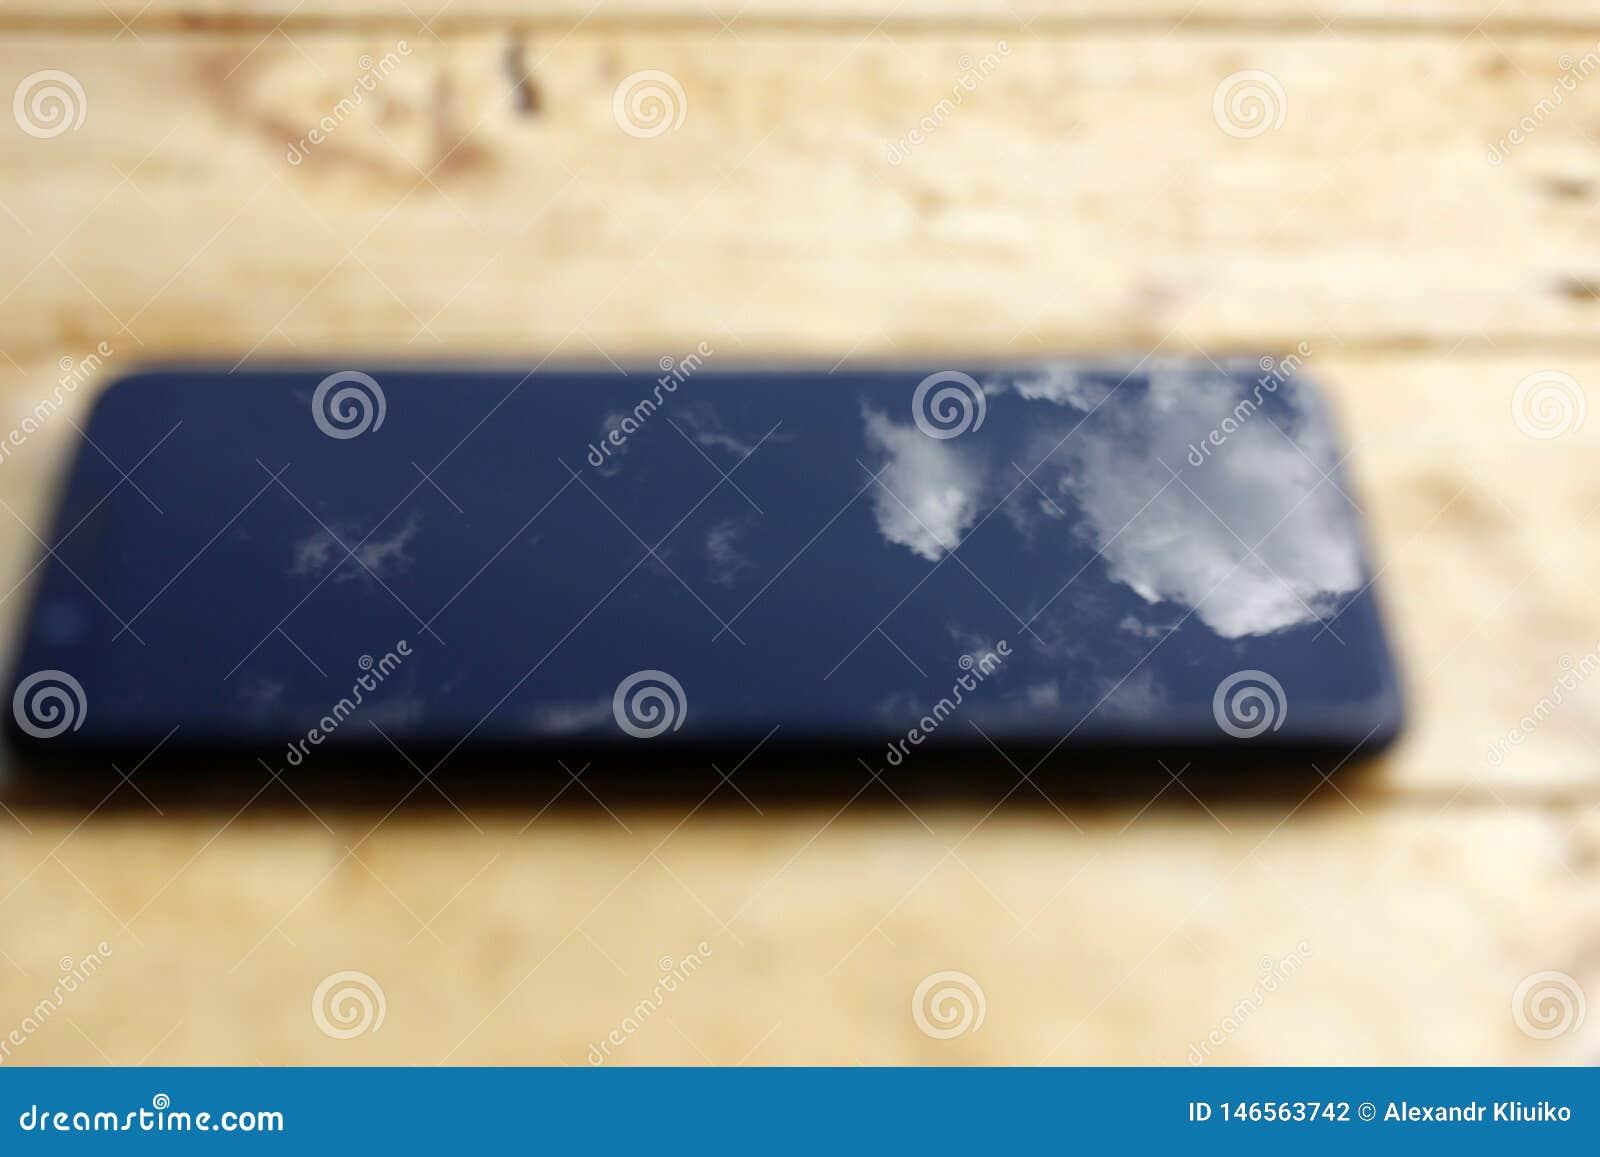 Αντανάκλαση του μπλε ουρανού με τα άσπρα σύννεφα στην οθόνη smartphone σε ένα ξύλινο υπόβαθρο στη θαμπάδα